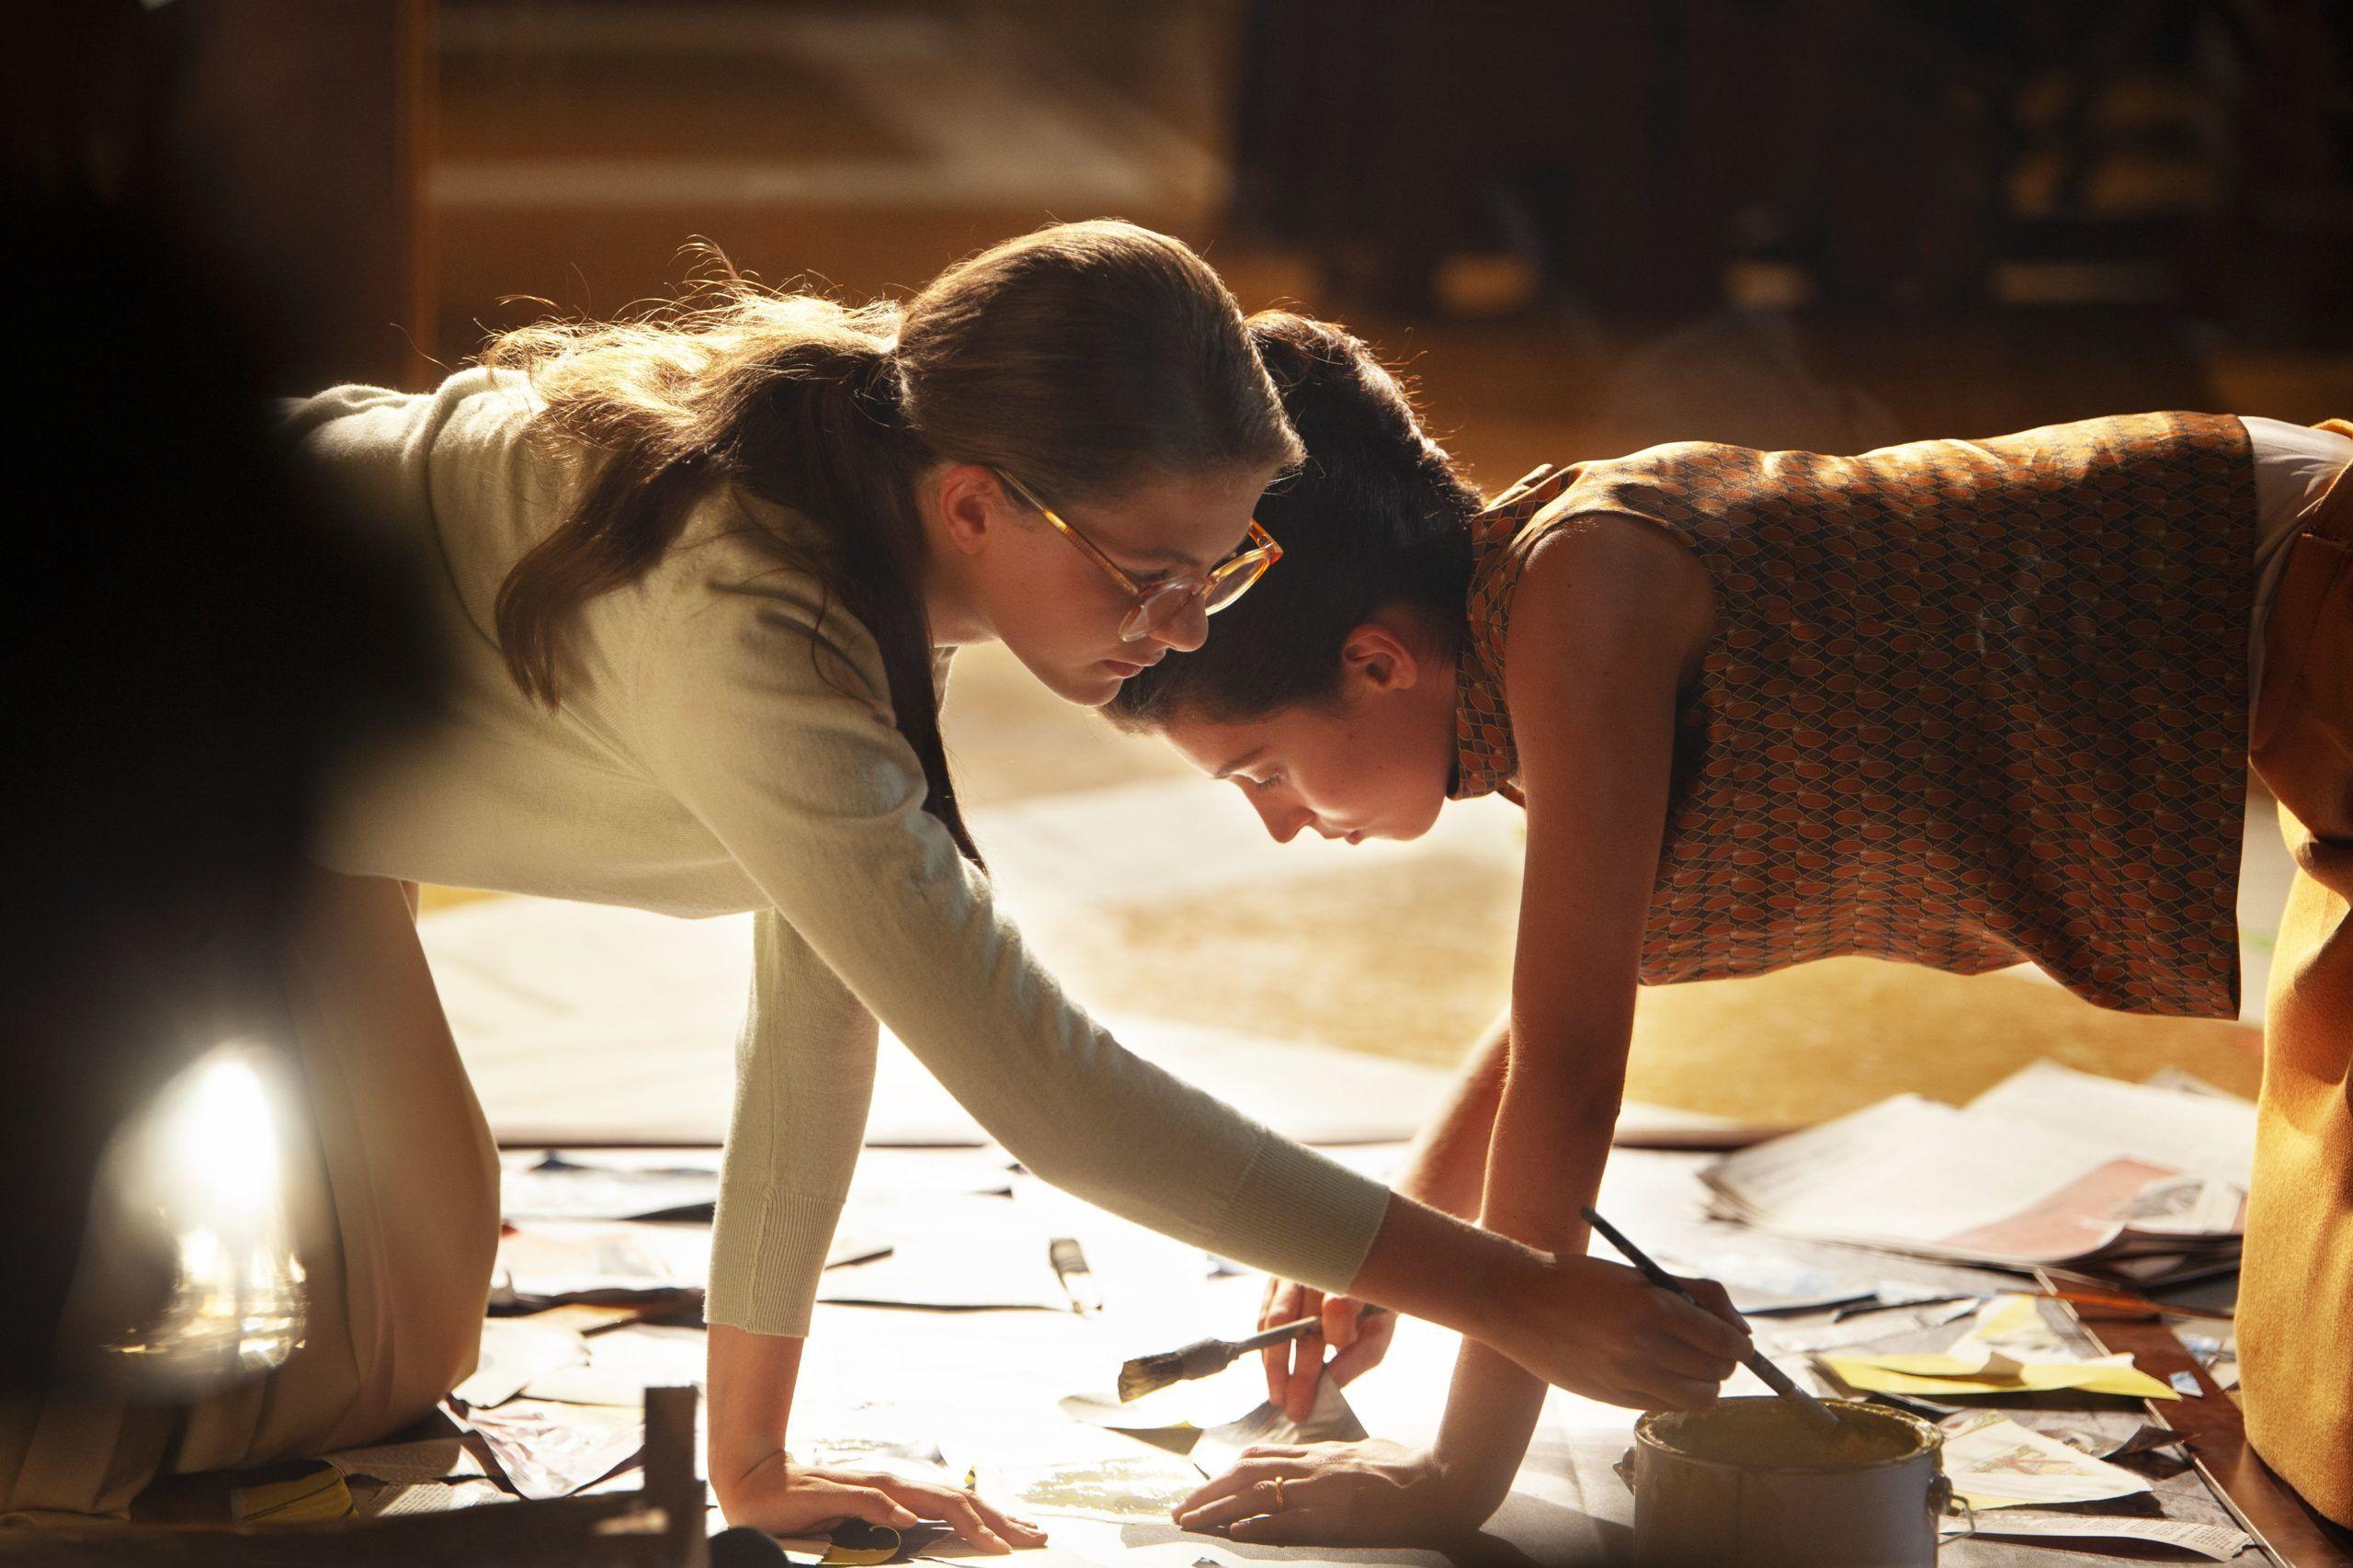 La nuova serie de L'amica geniale su Rai1: Elena e Lila, giovani donne nell'Italia del boom economico